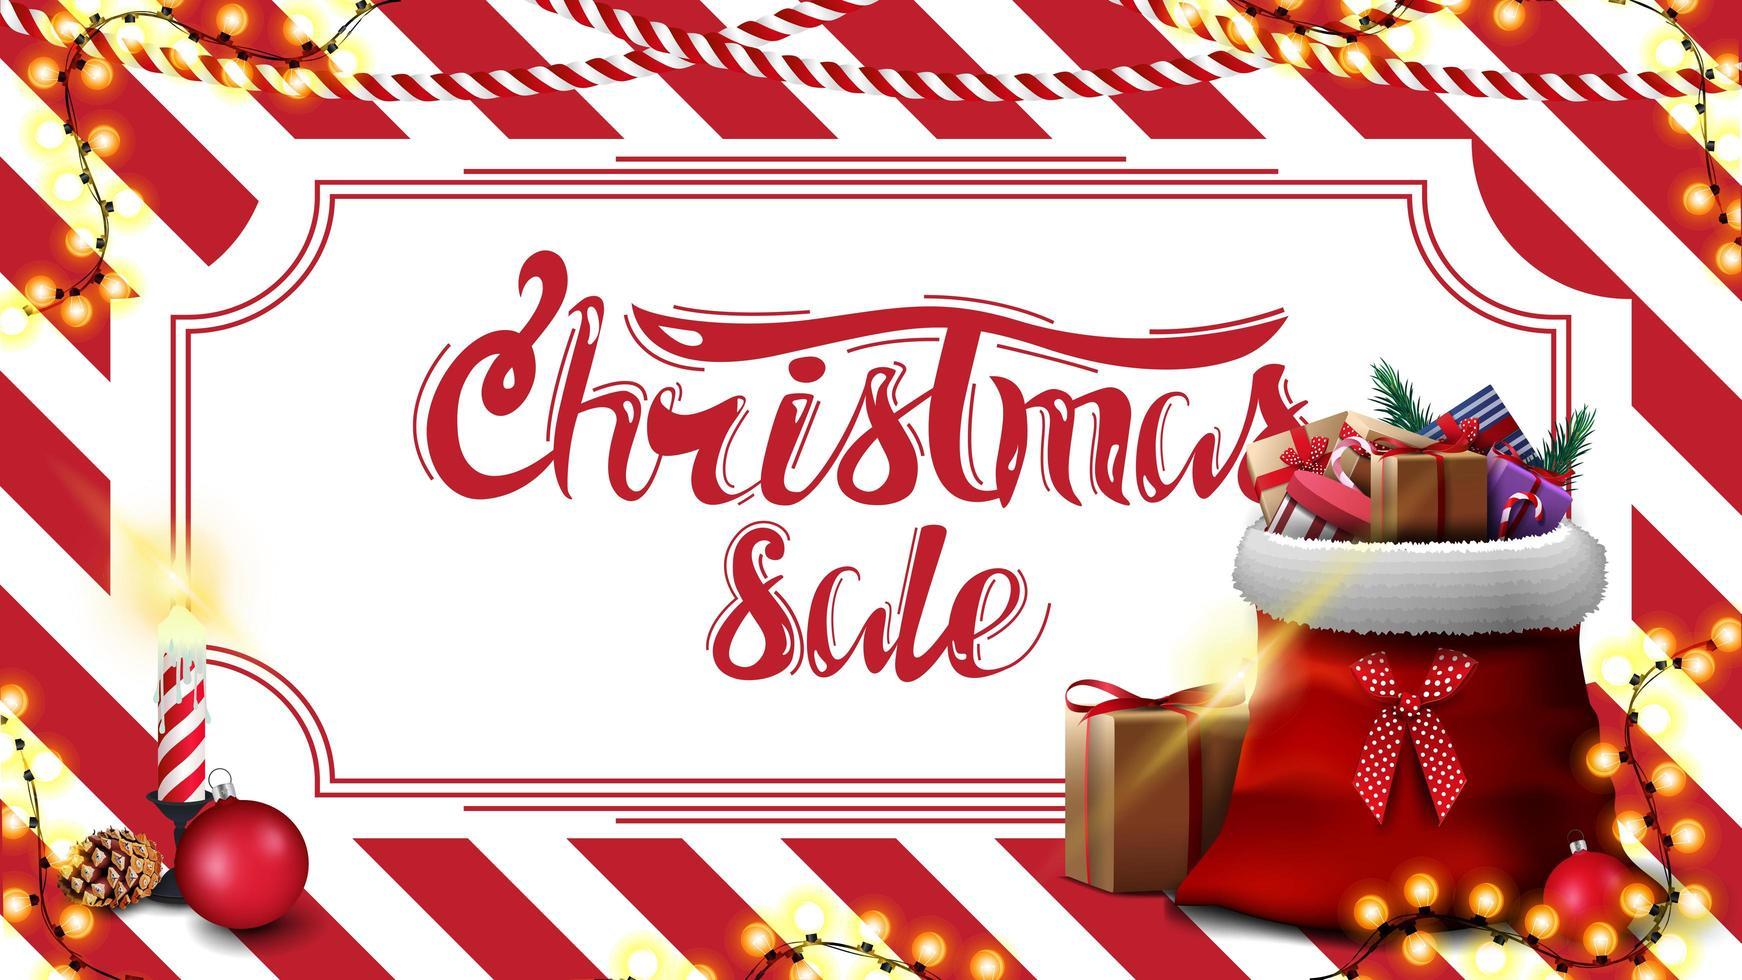 Weihnachtsverkauf, Rabatt-Banner mit rot-weiß gestreifter Textur auf dem Hintergrund und Weihnachtsmann-Tasche mit Geschenken vektor